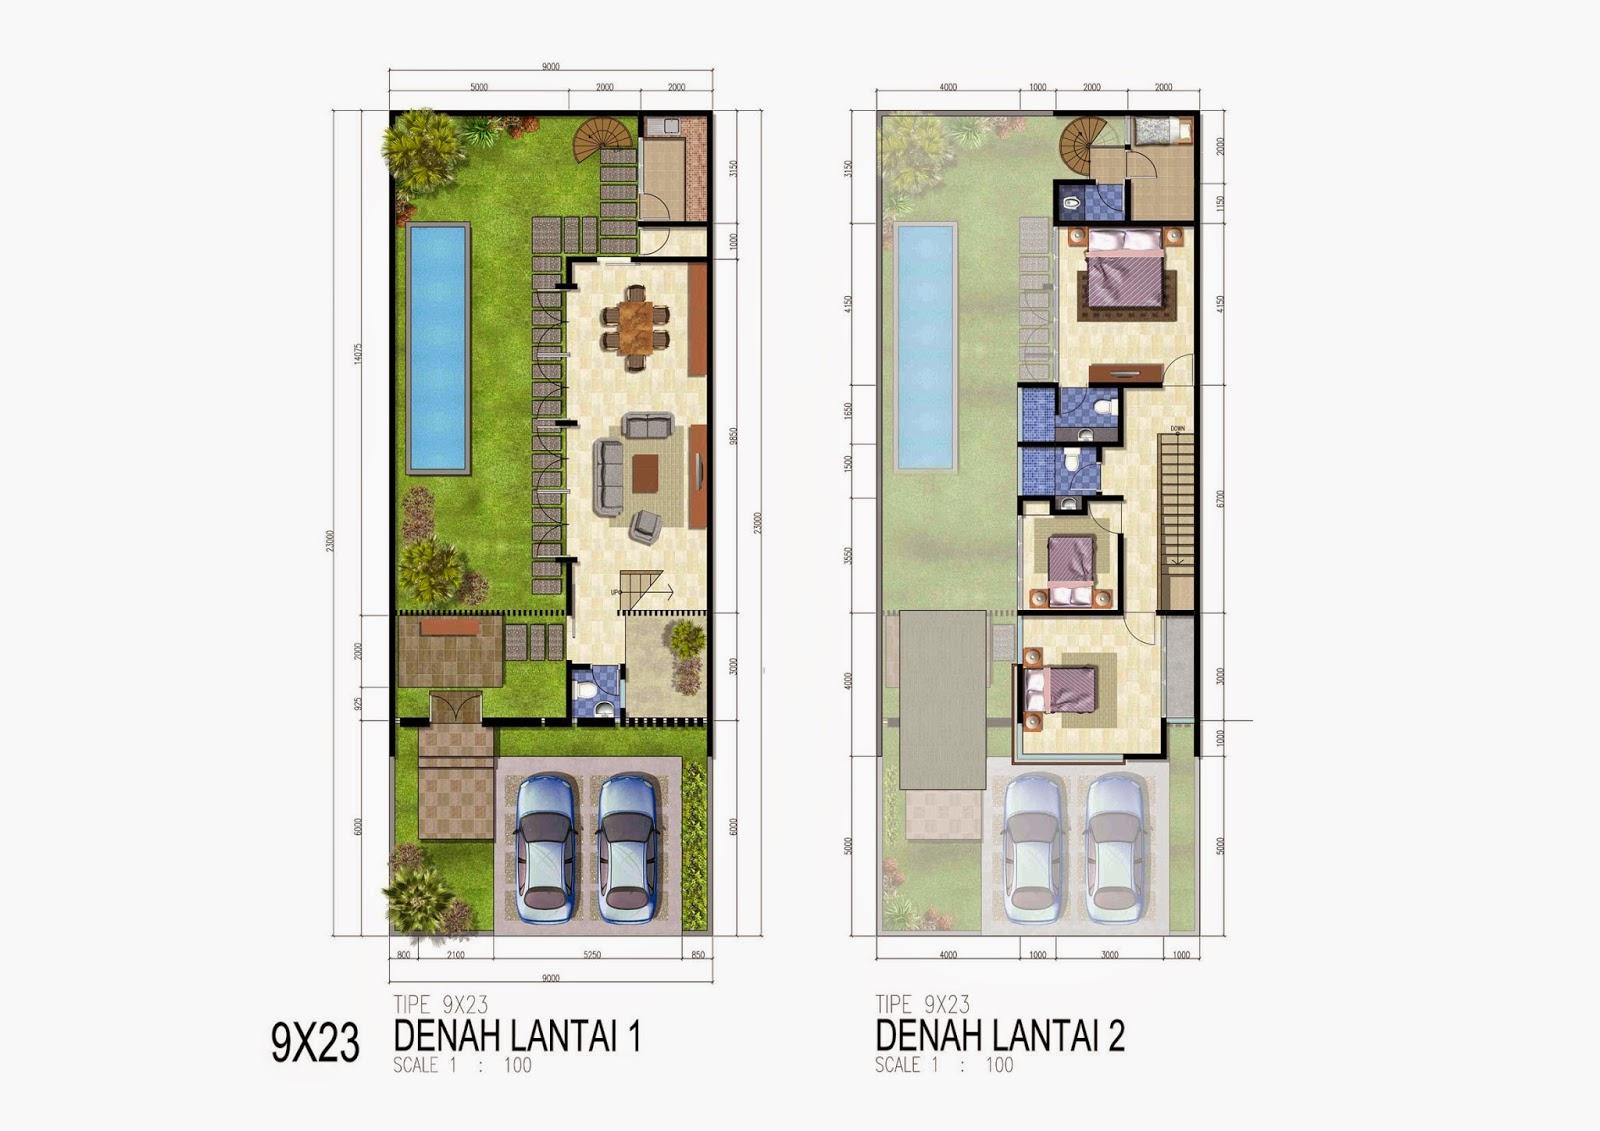 Desain Rumah Ada Kolam Renang Gambar Puasa